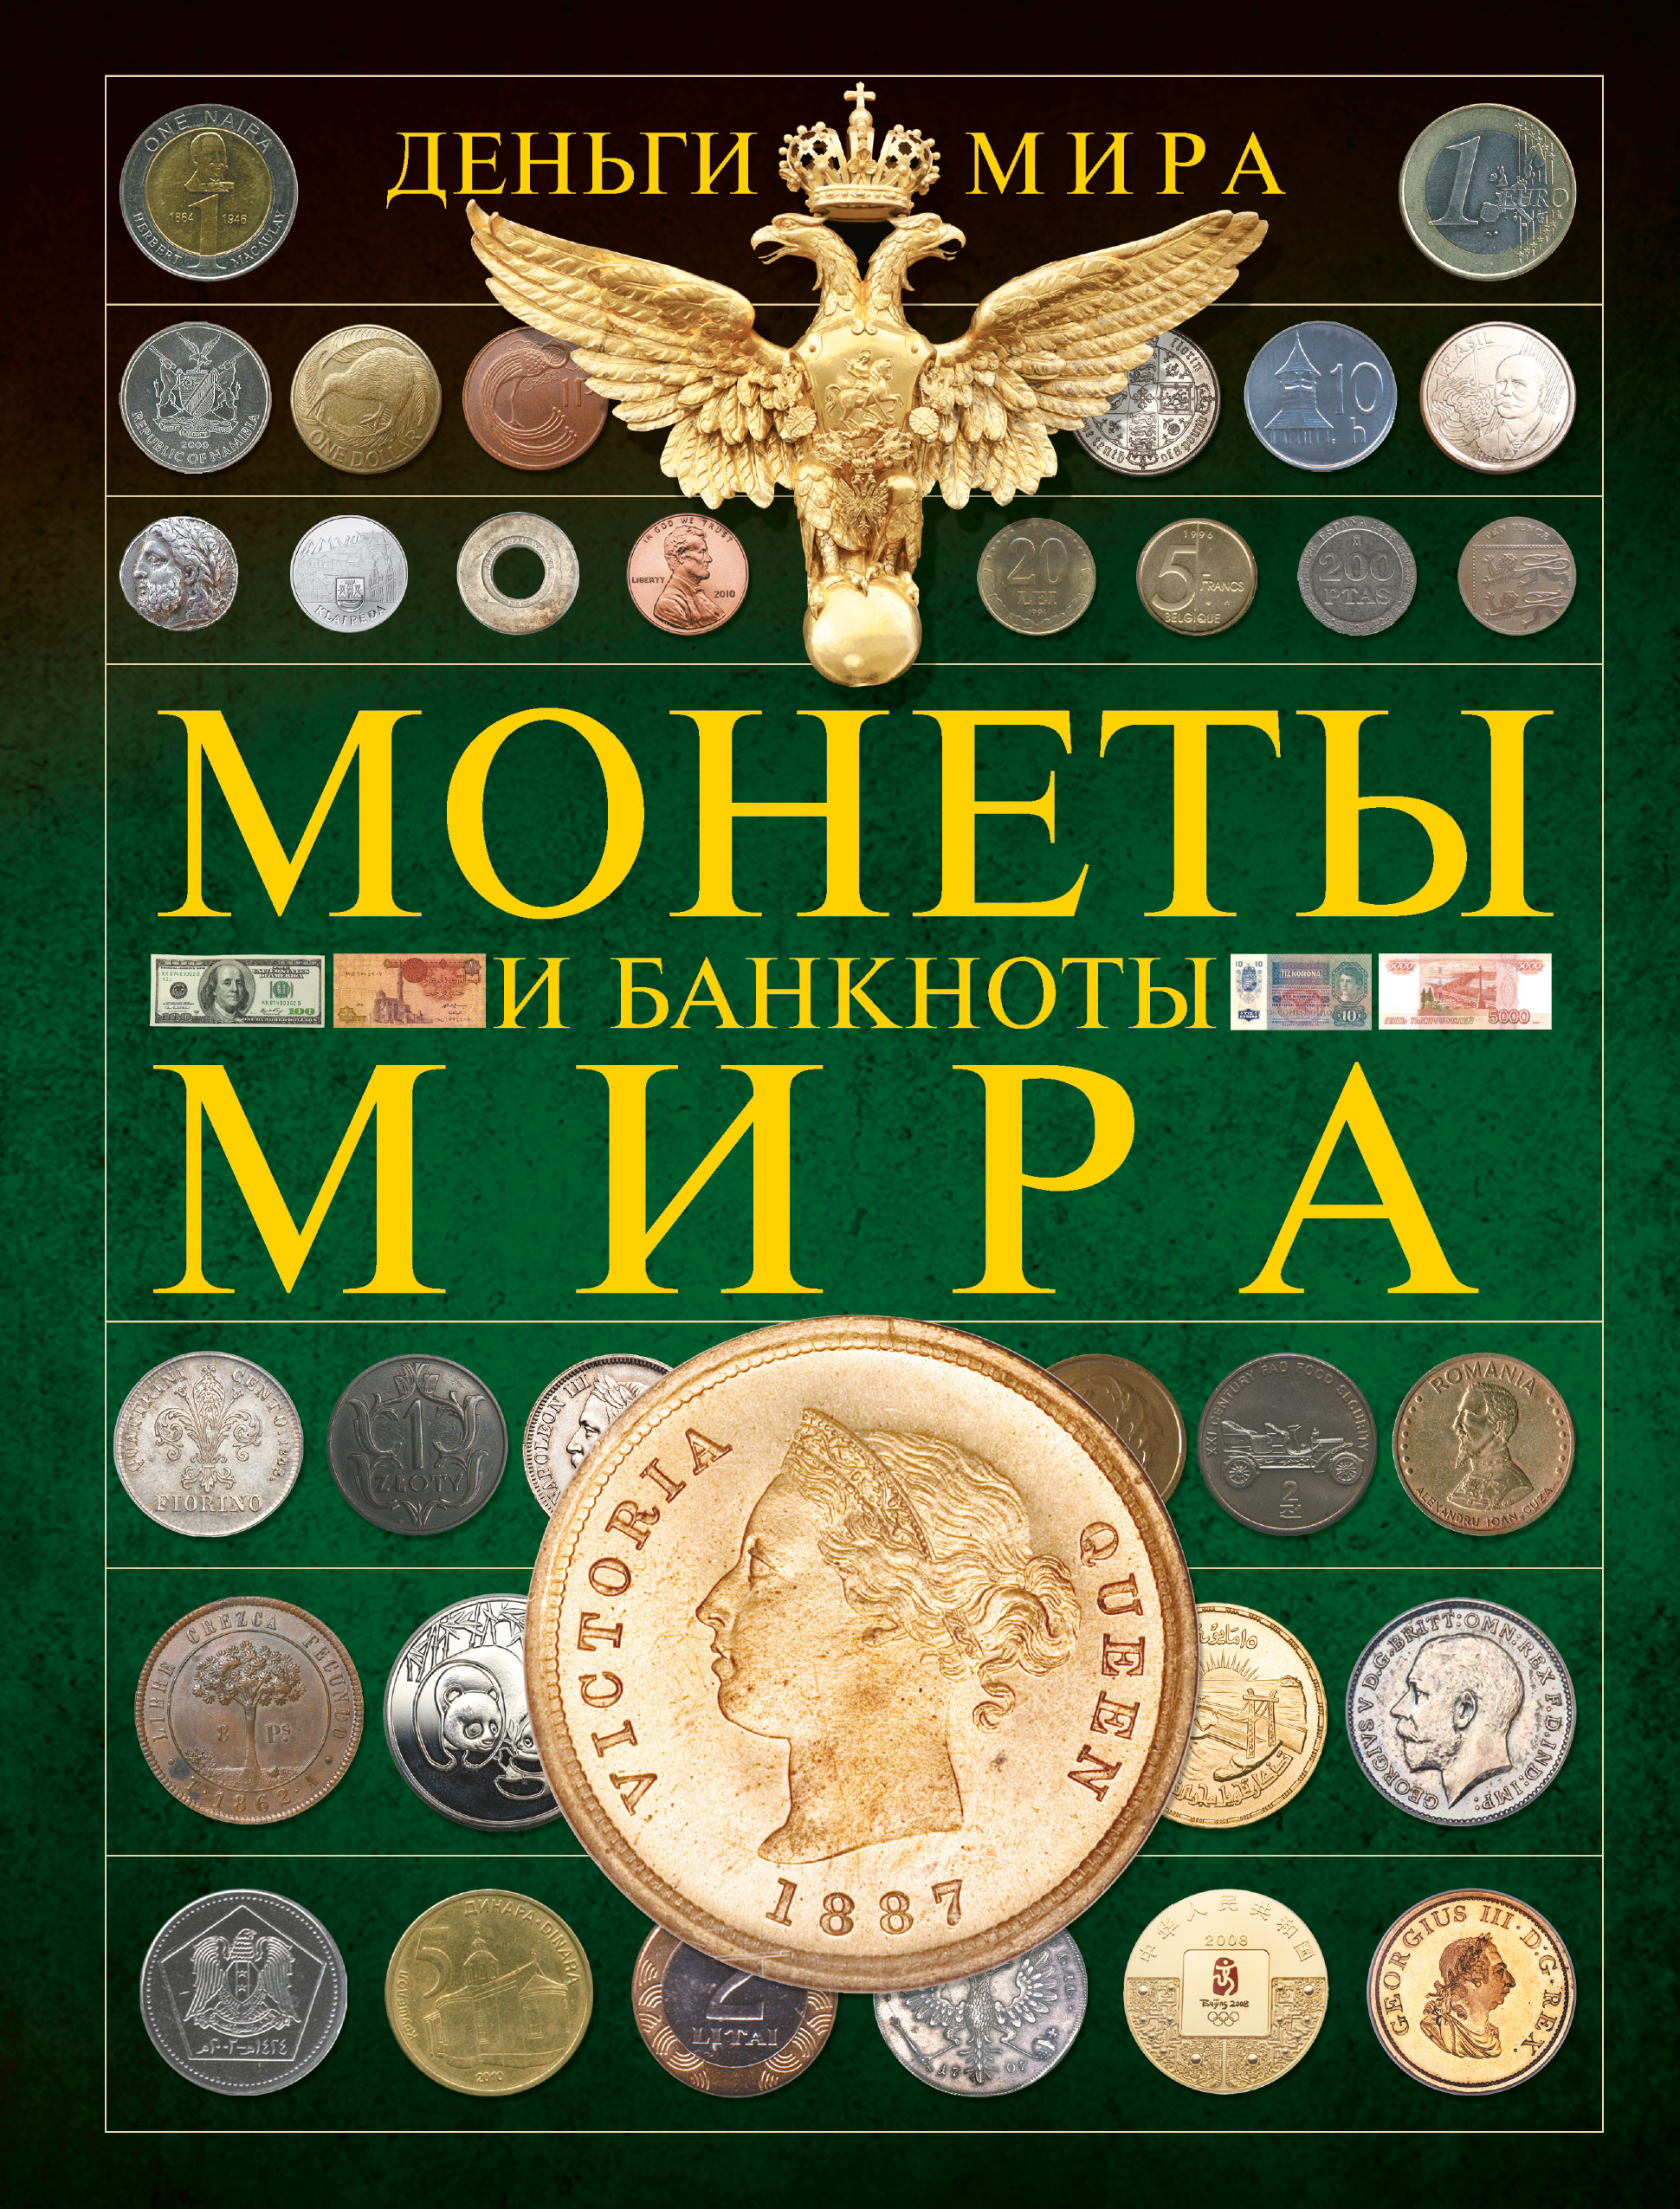 Кошевар Д.В. Монеты и банкноты мира. Деньги мира современные монеты мира 18 январь июнь 2016 г